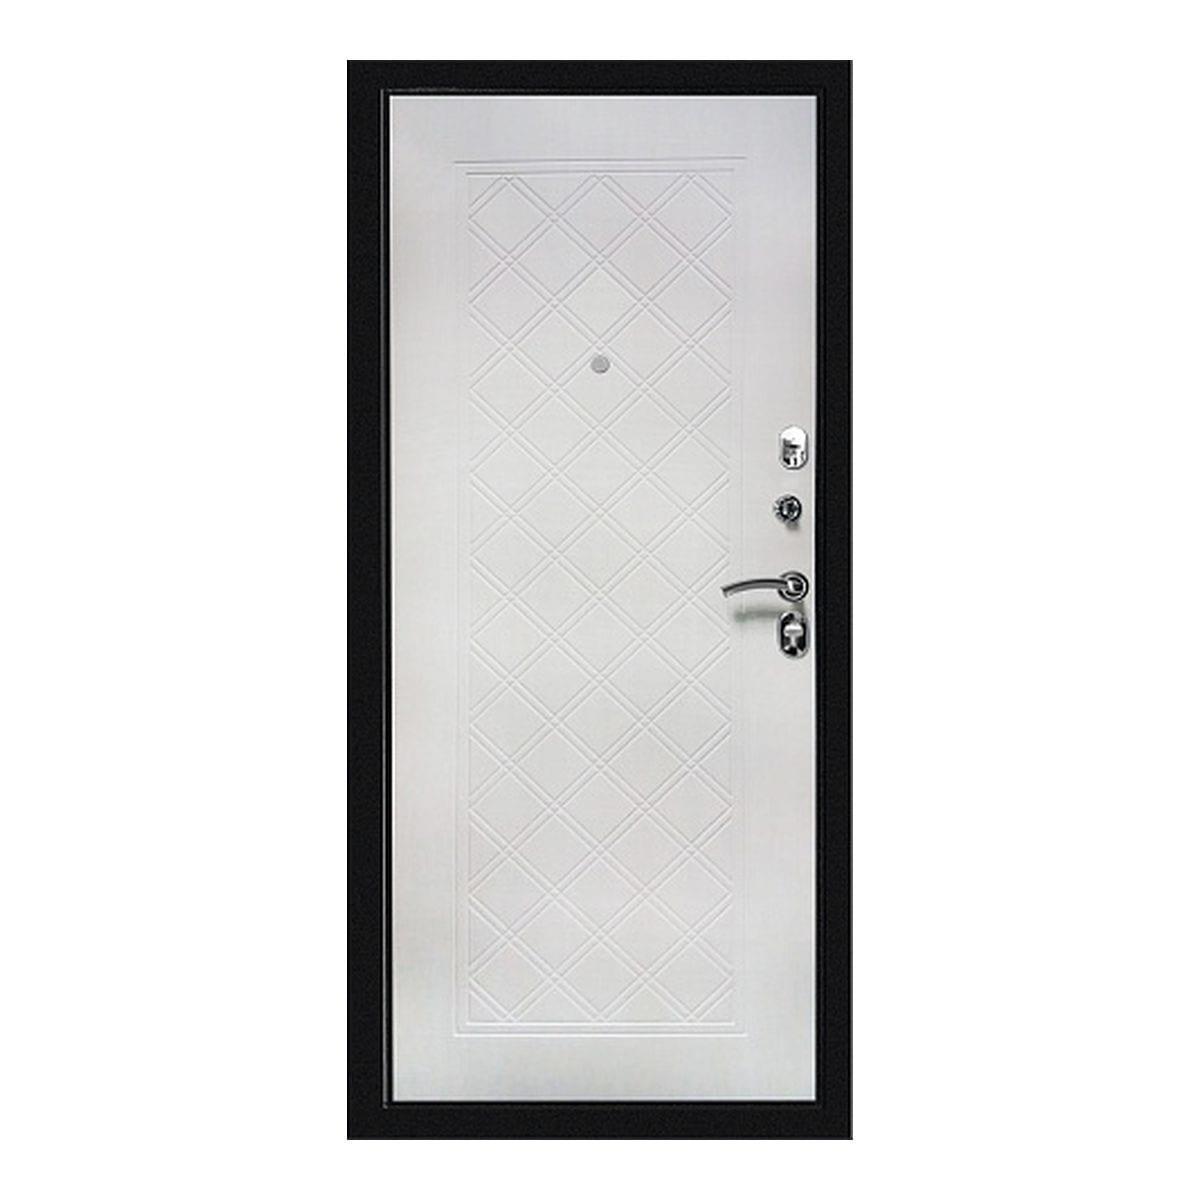 Металлическая дверь ФОРТЕ СИМПЛ 2066*880*104 правая